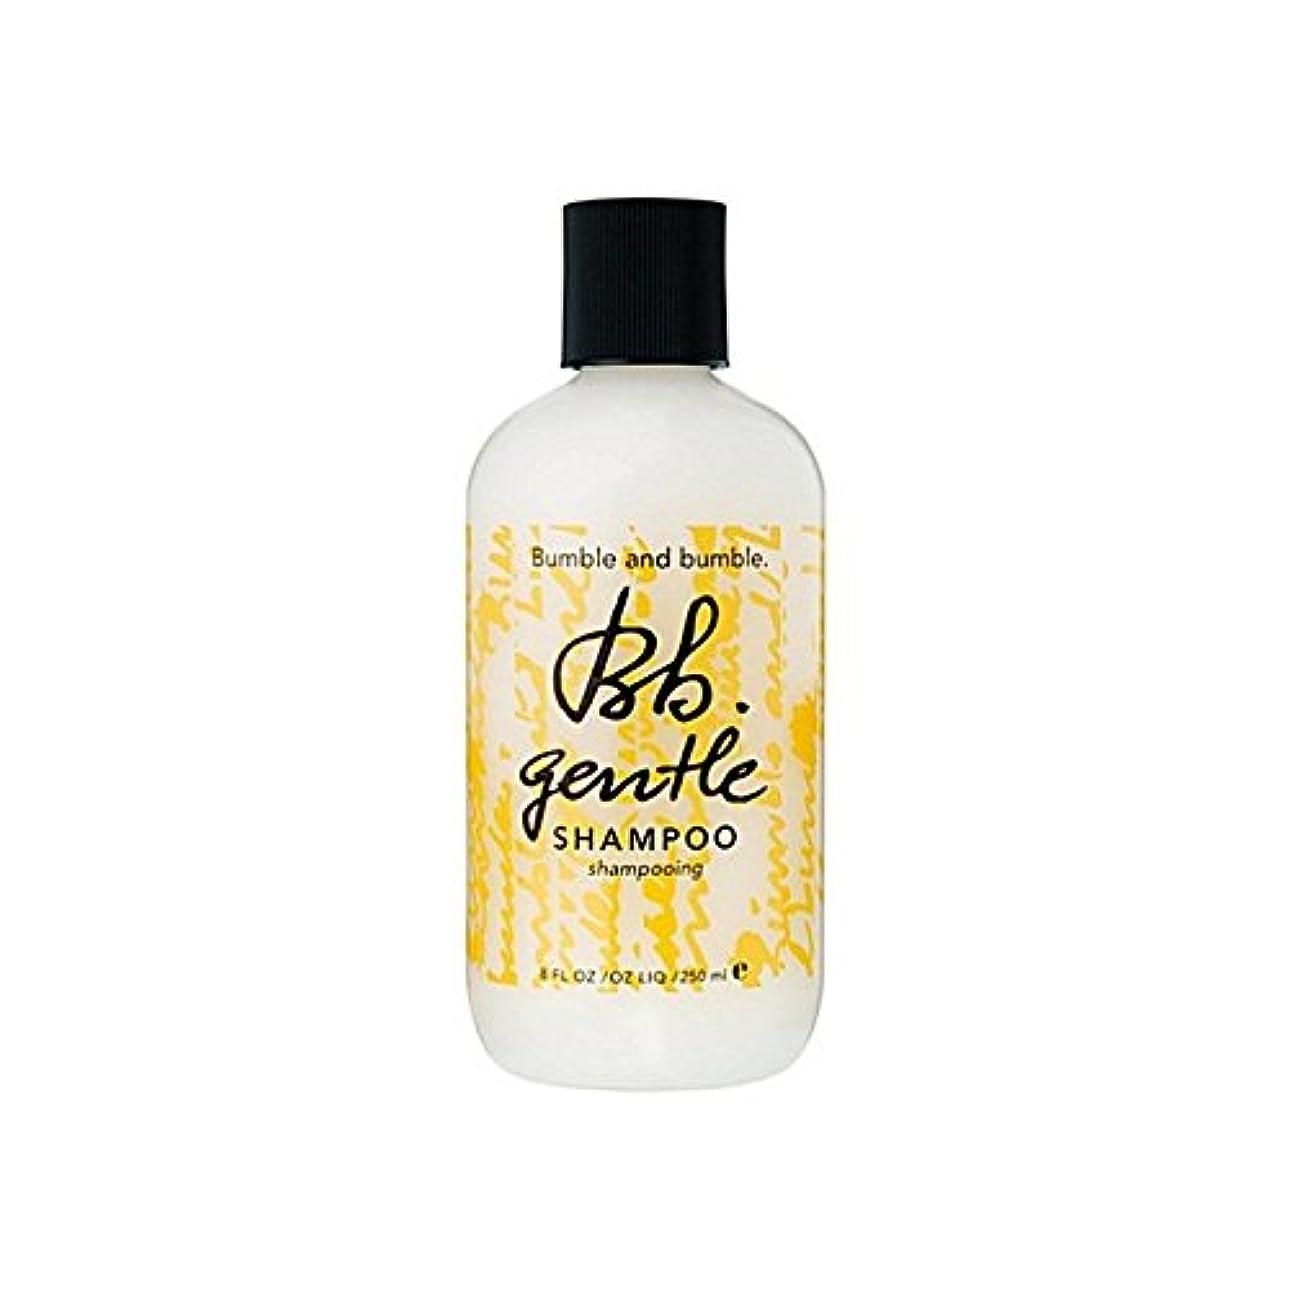 Bumble & Bumble Gentle Shampoo 1000ml - 優しいシャンプー千ミリリットルをバンブルアンドバンブル [並行輸入品]